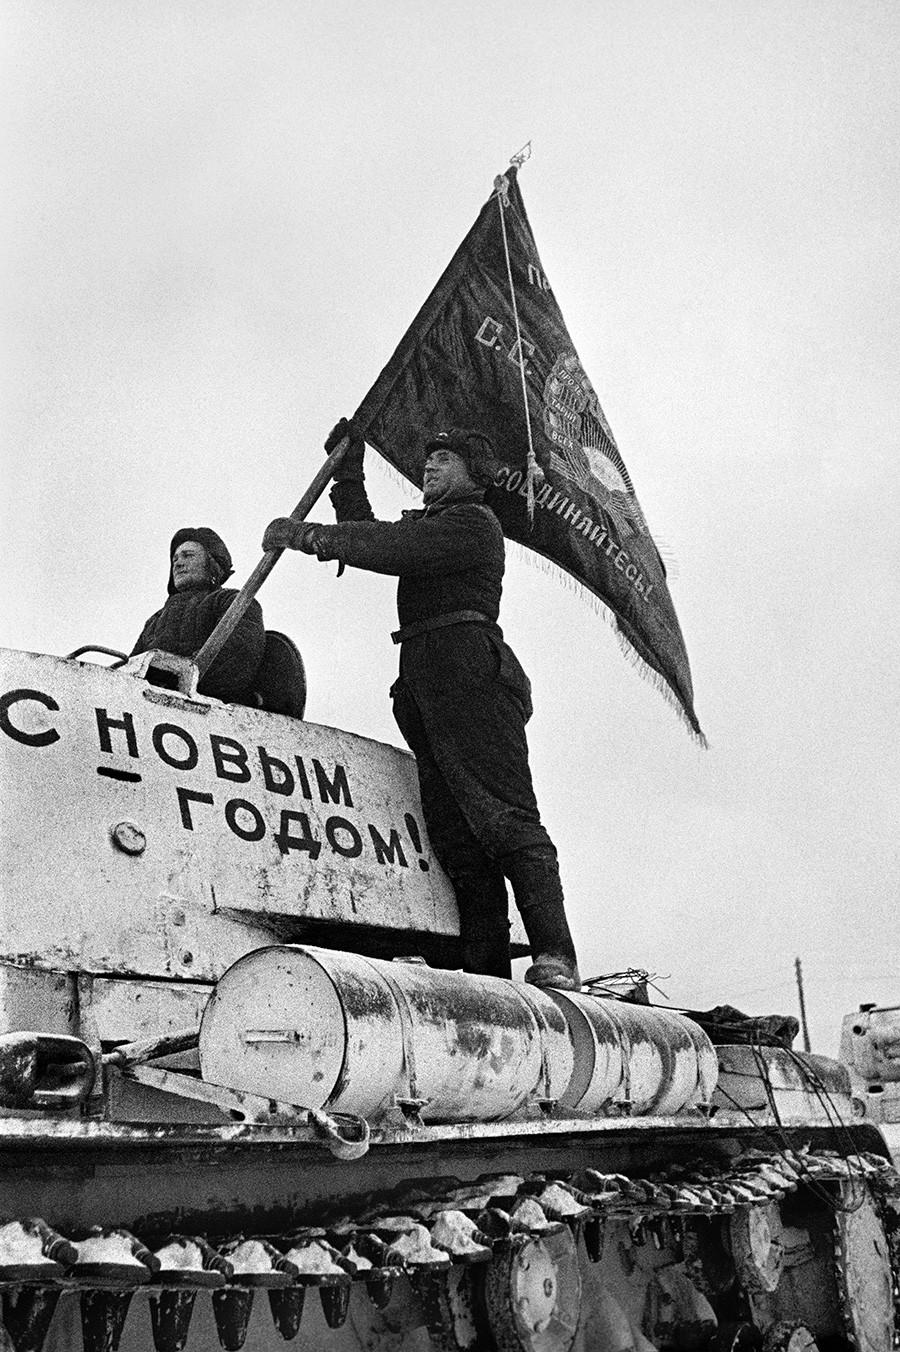 Тенкиста подиже почасну заставу на тенк. Тенкисти крећу на фронт. Одбрана Москве, 31. децембар 1941.